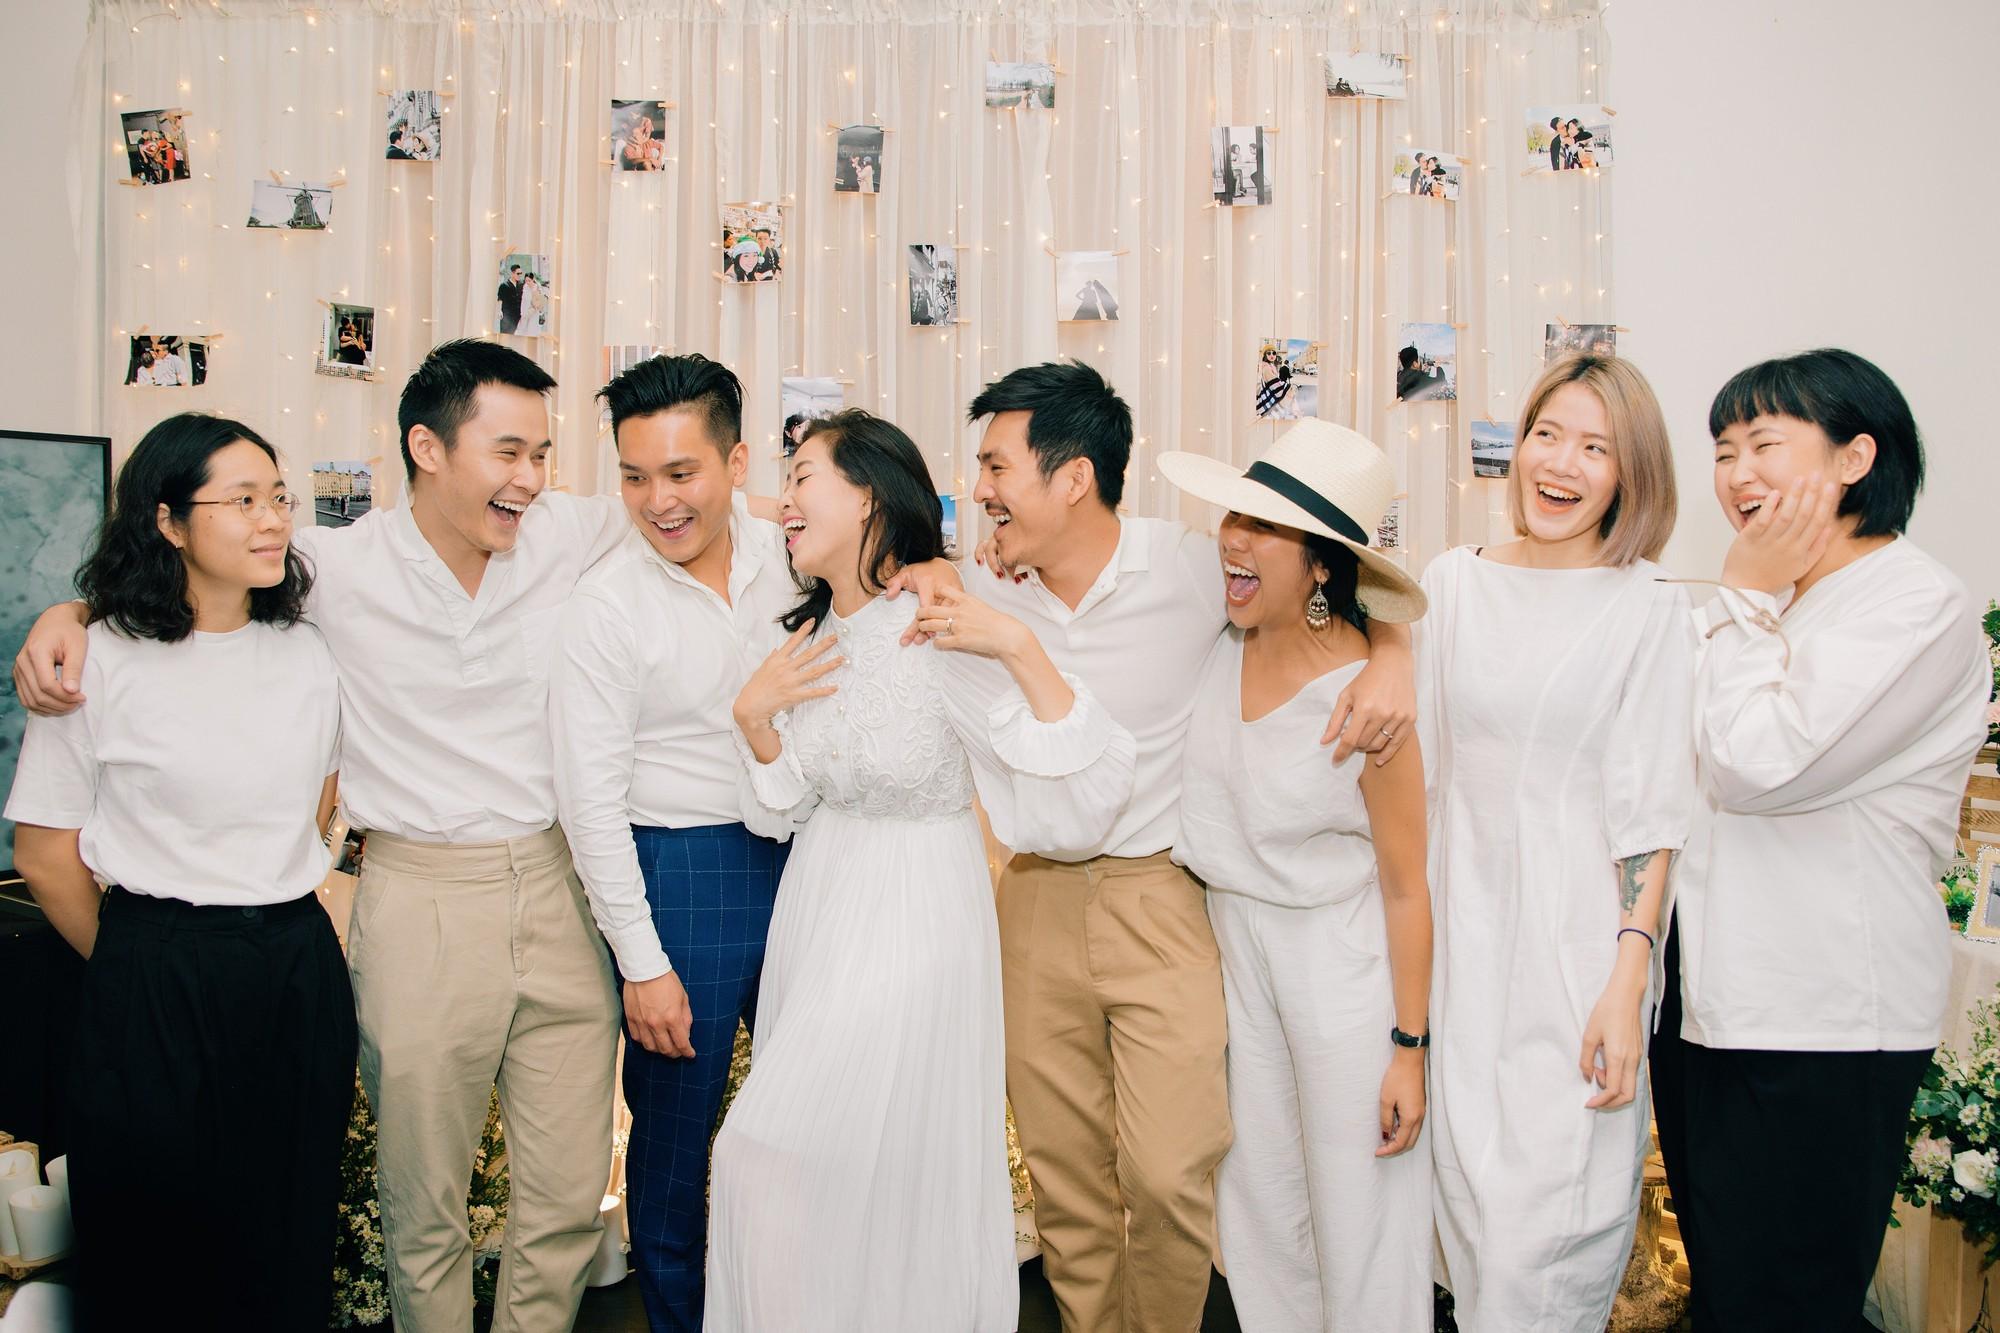 Chân dung bạn trai Việt Kiều vừa cầu hôn MC Liêu Hà Trinh   - Ảnh 8.